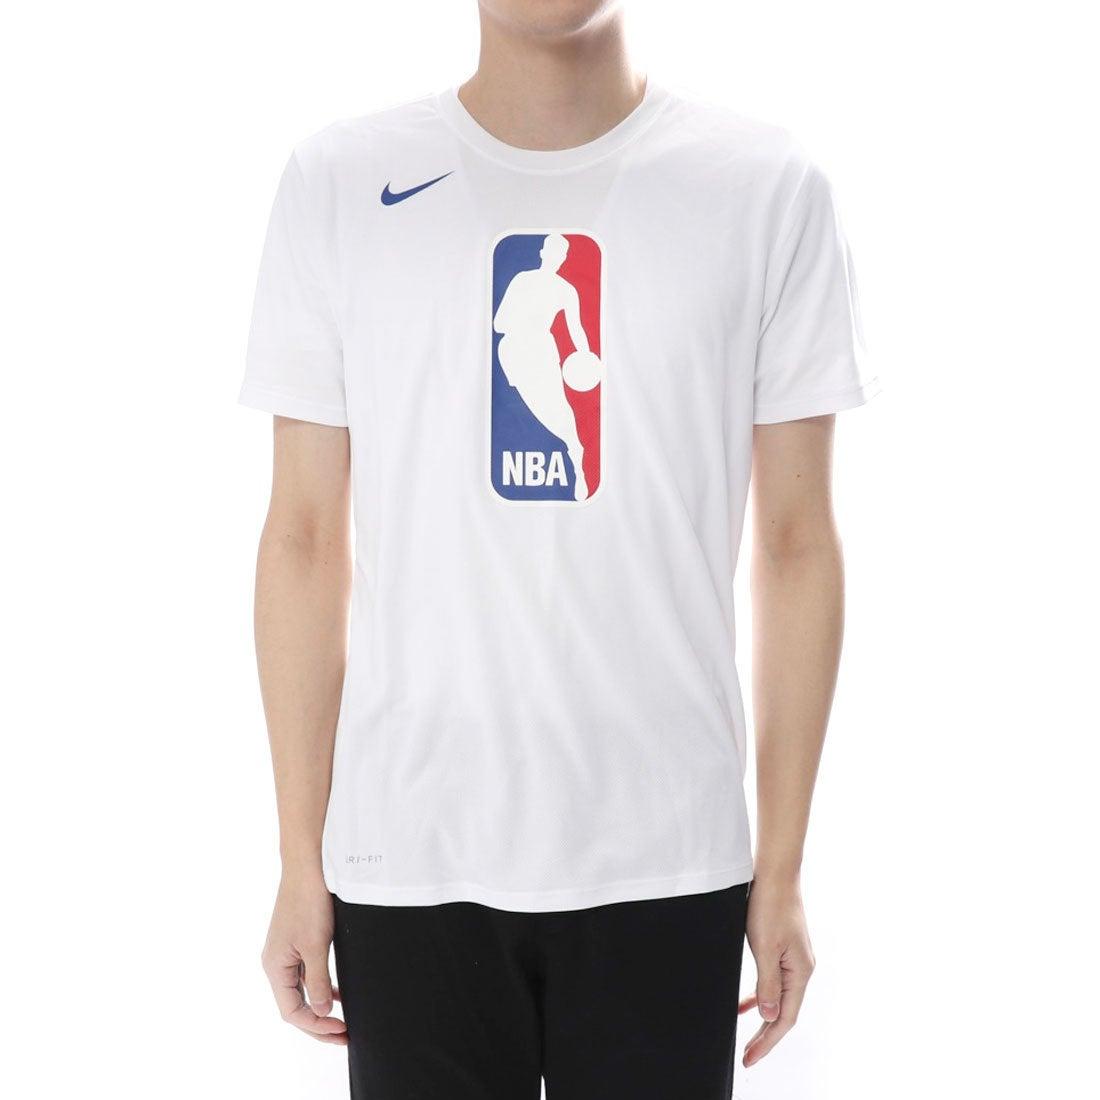 ナイキ NIKE バスケットボール 半袖Tシャツ  BIG JERRY WEST LOGO S/S Tシャツ AH9203100